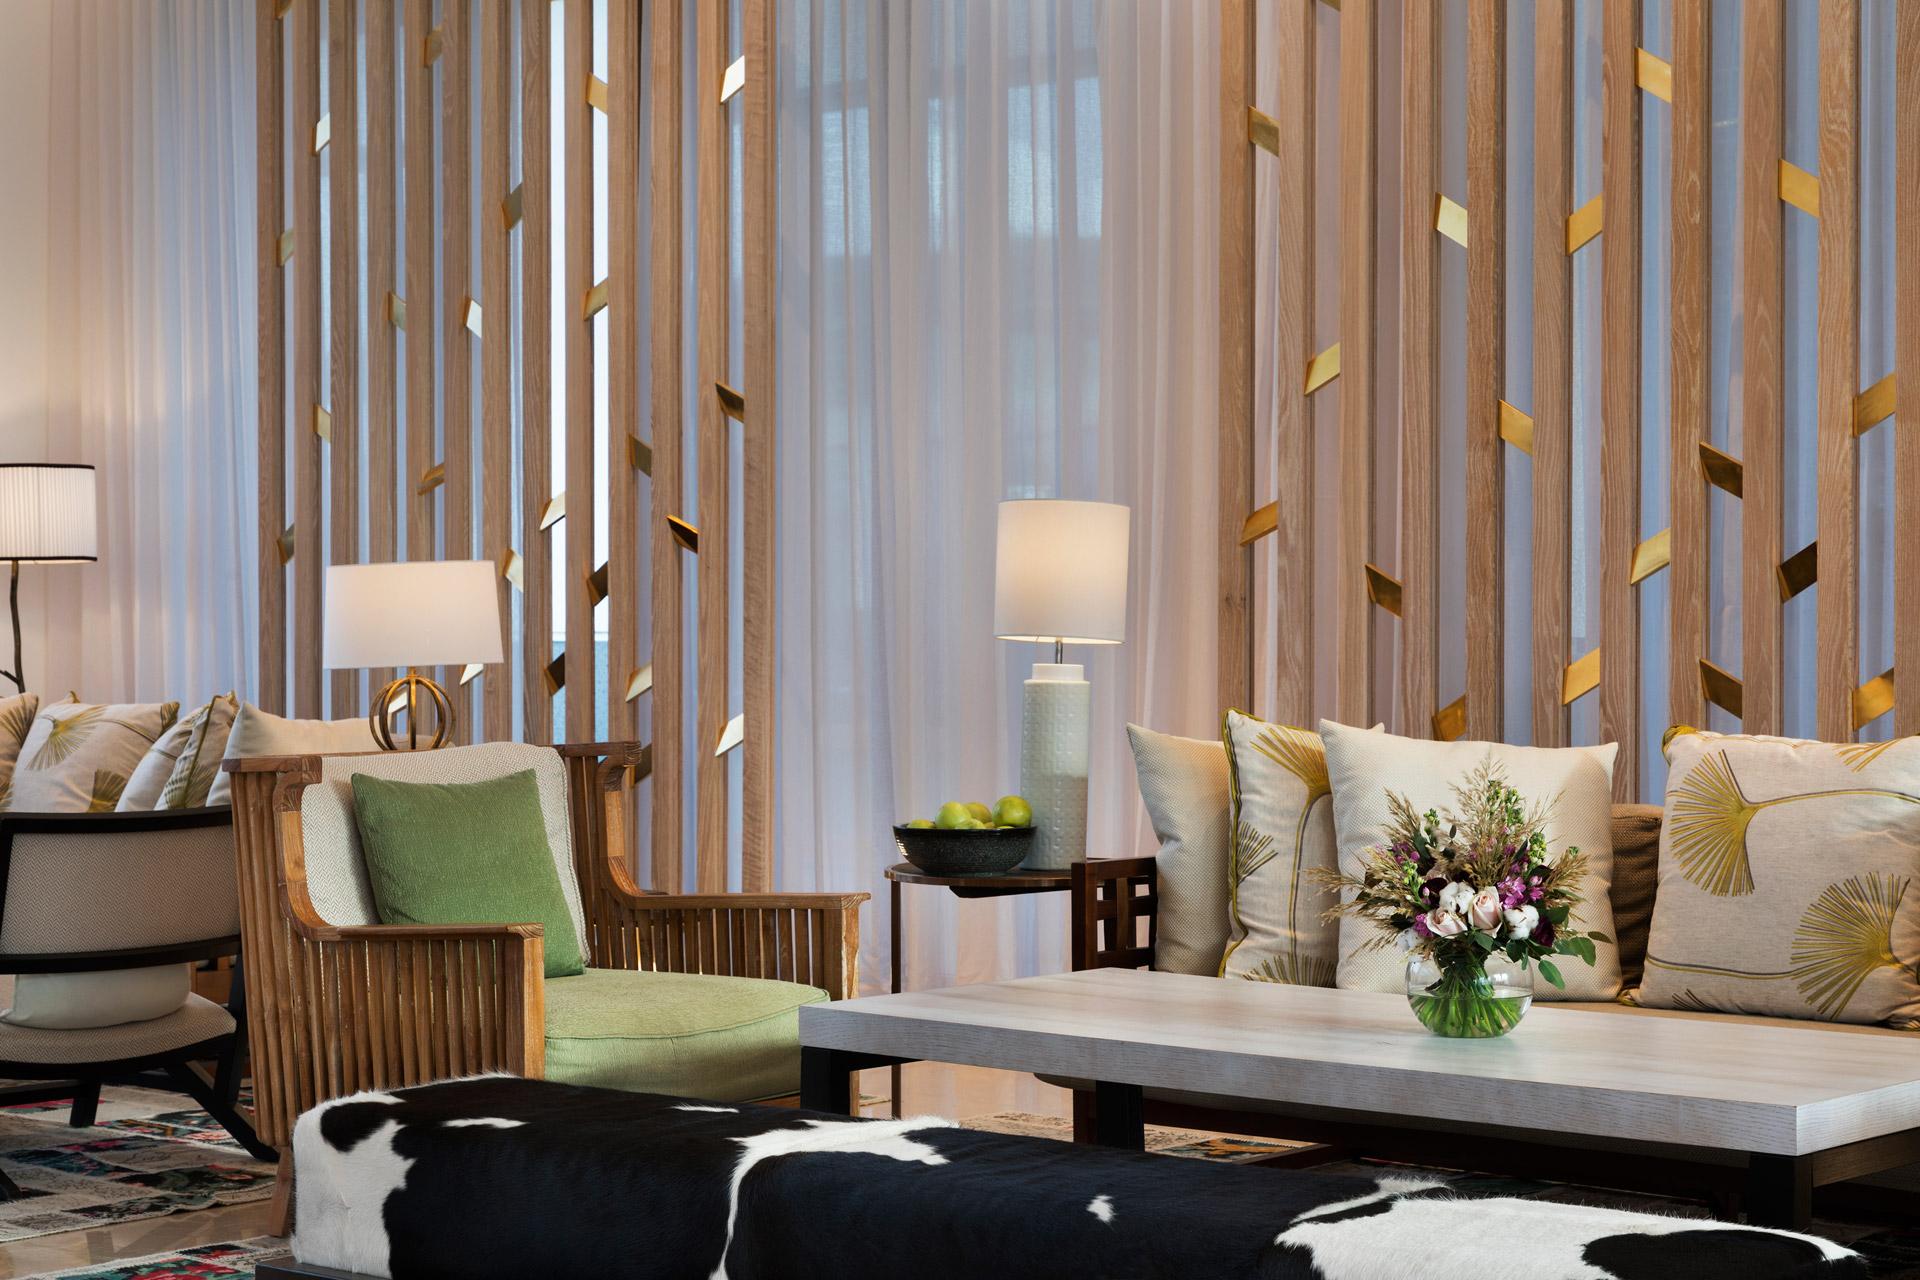 Nous design award winning international interior design for International interior design companies